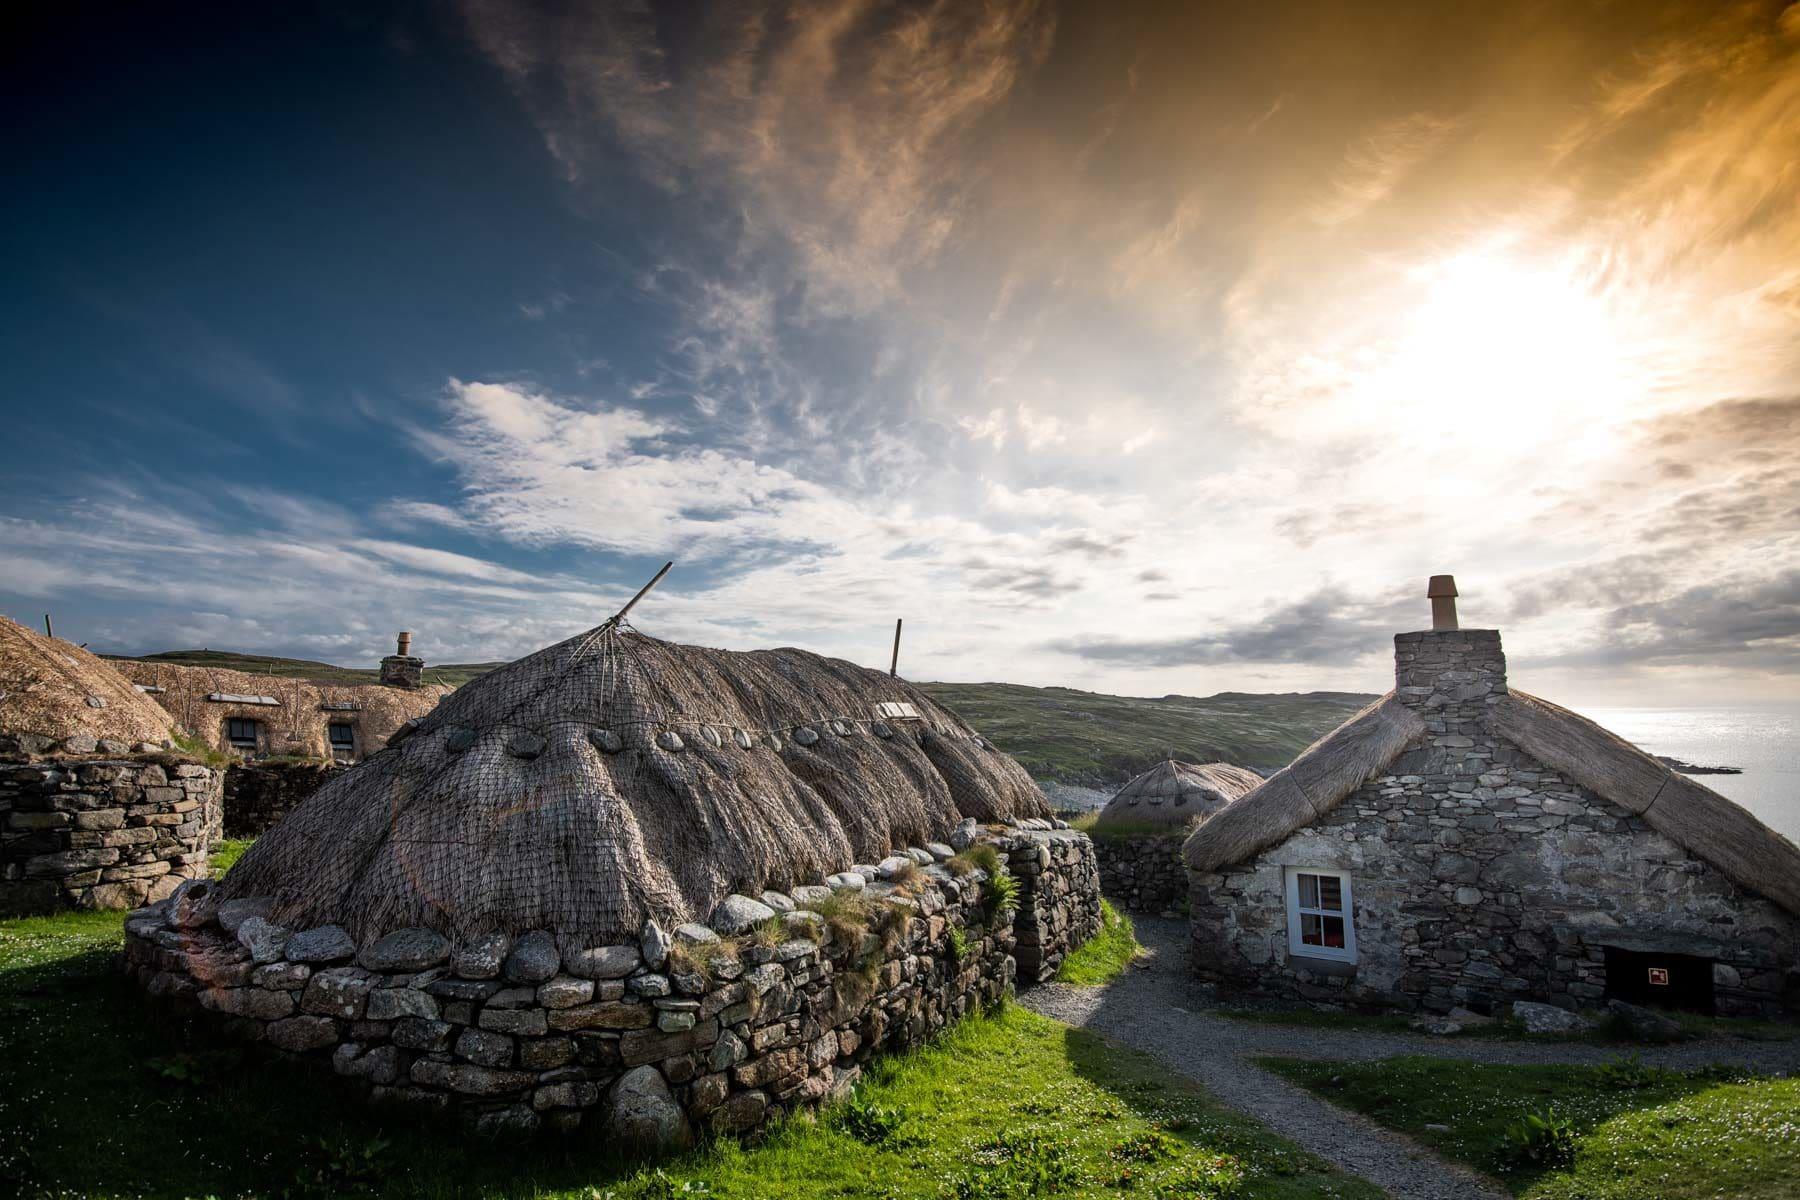 Black houses de l'île de Lewis